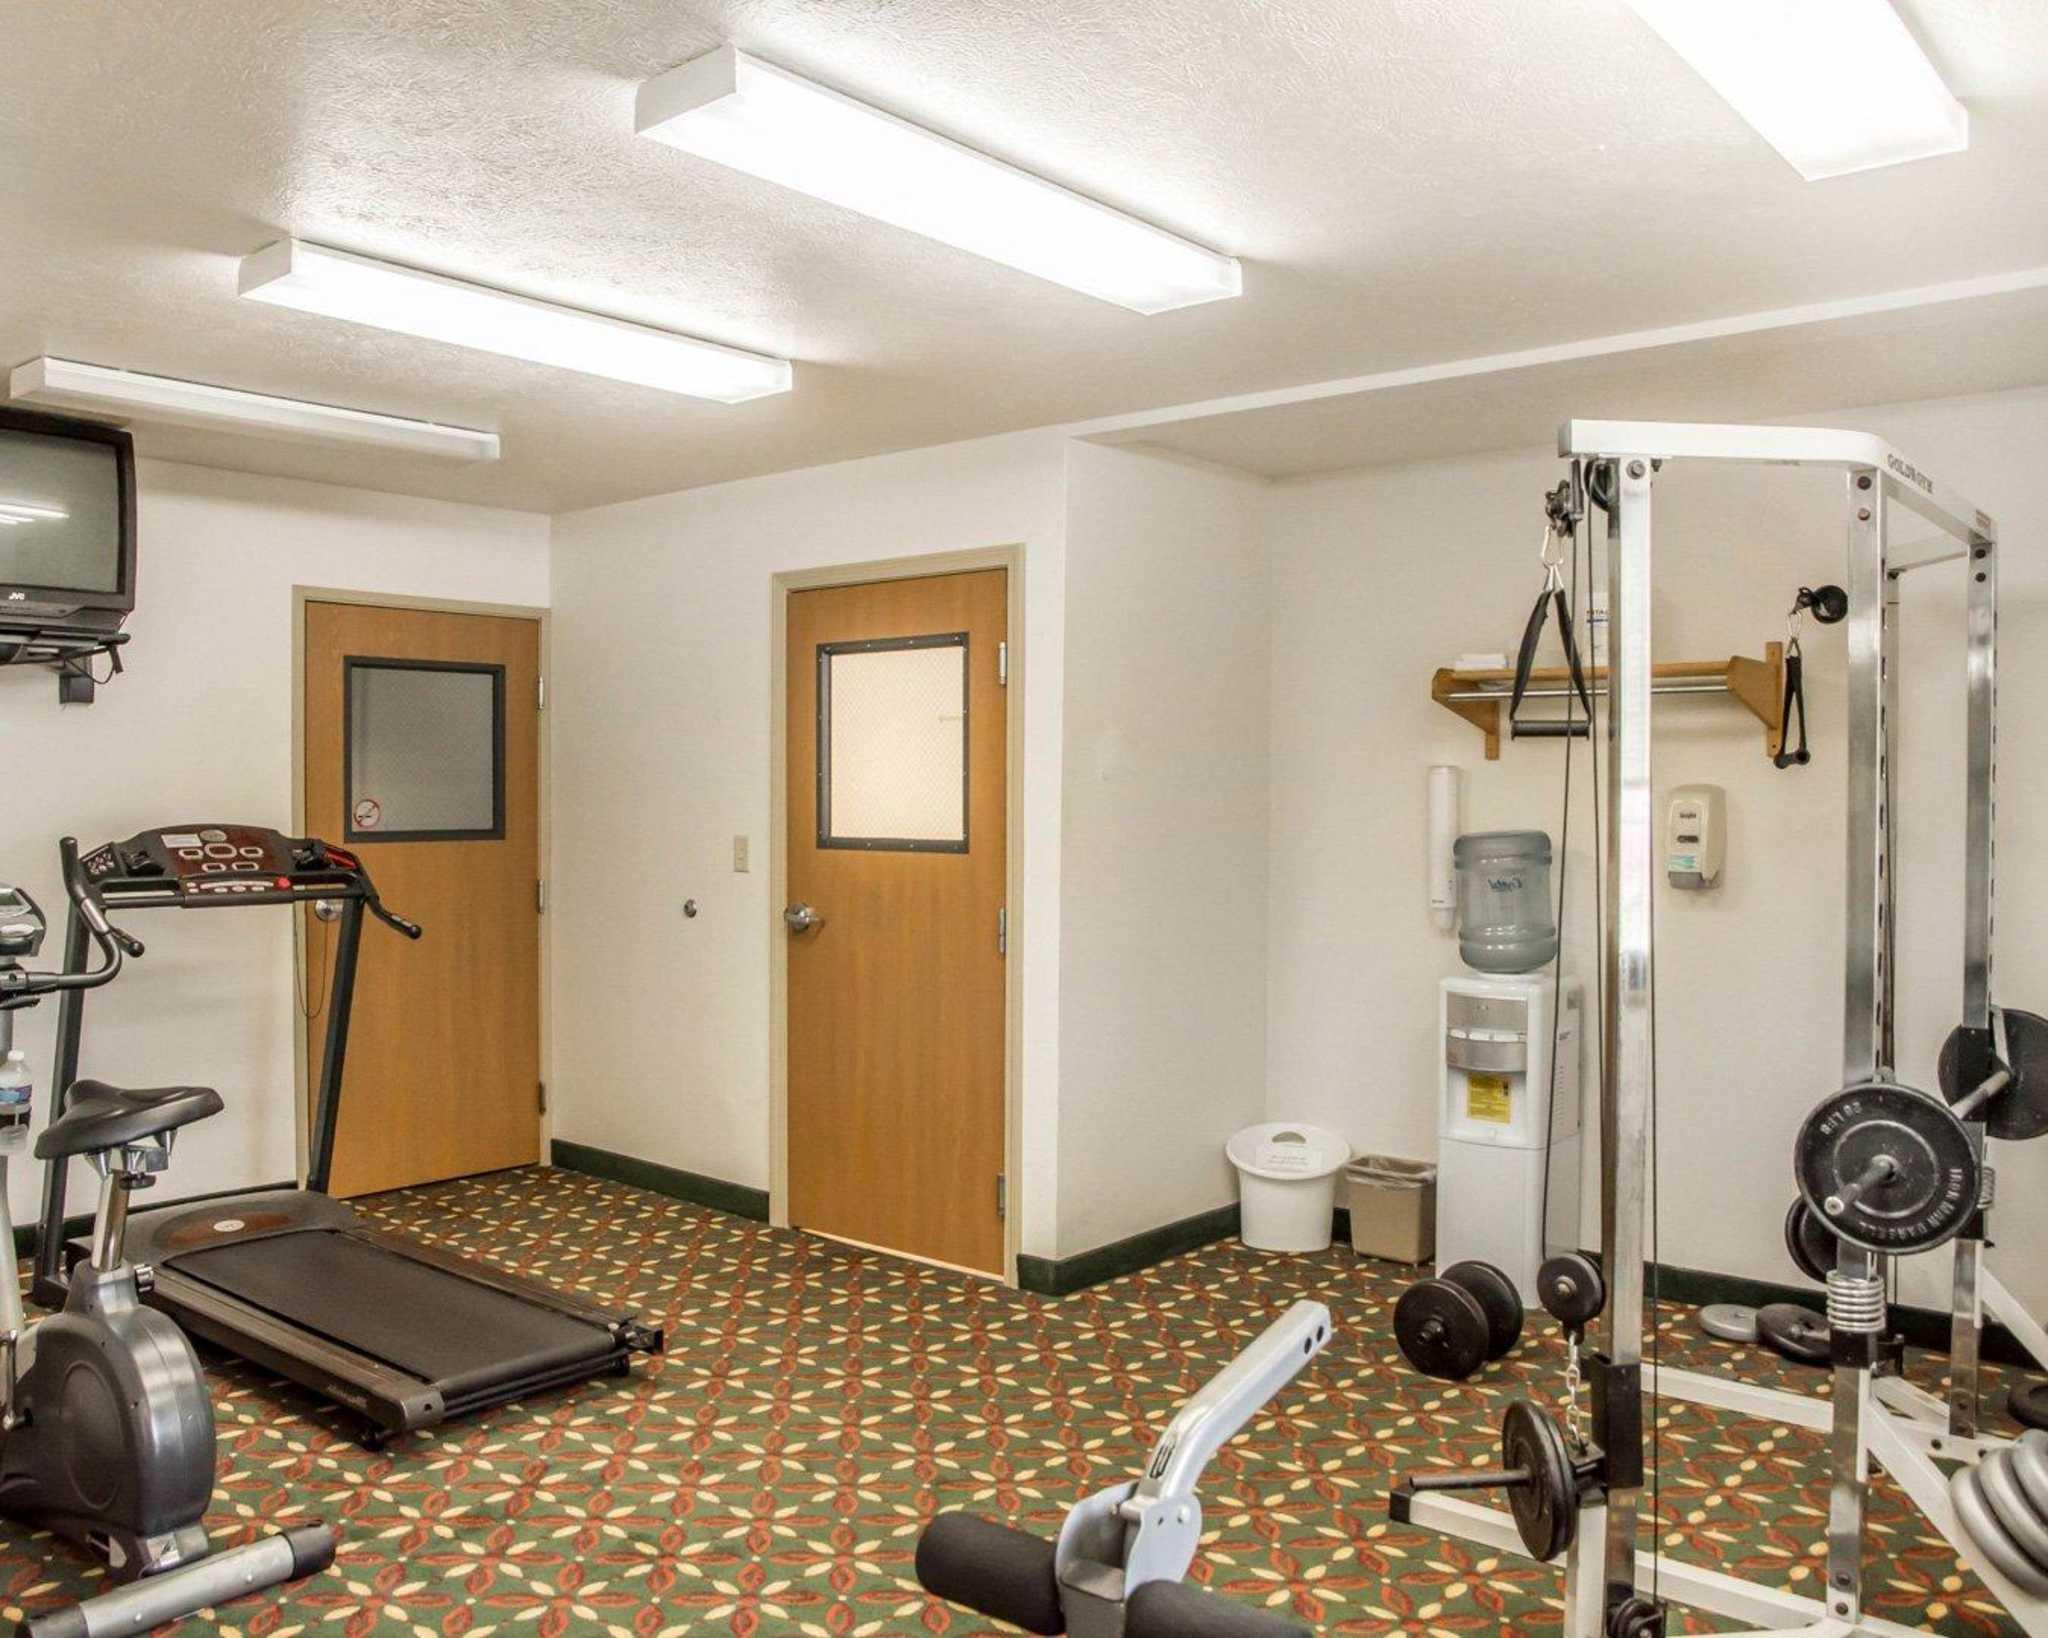 Suburban Extended Stay Hotel Dayton-WP AFB image 24